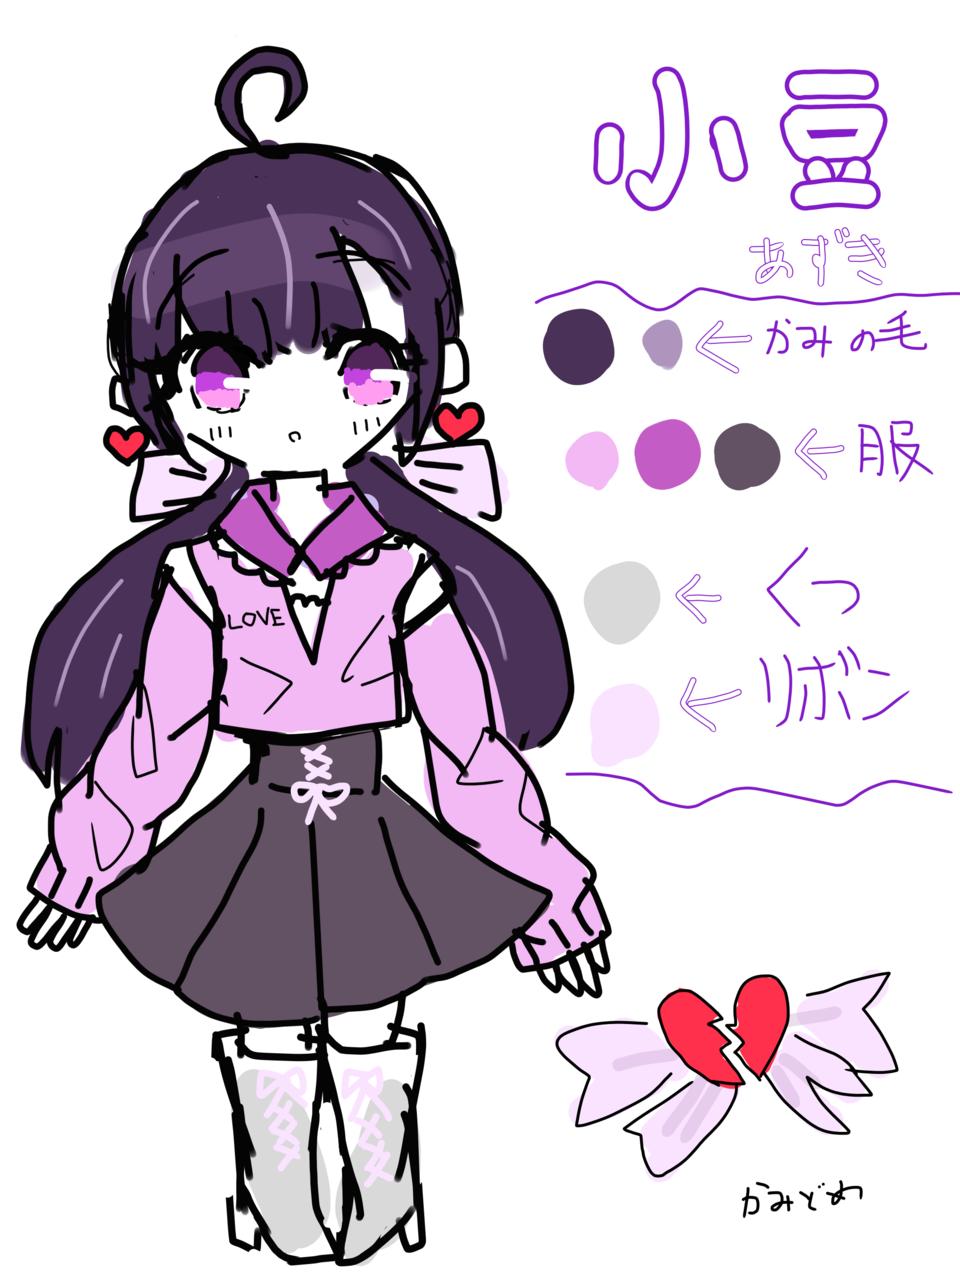 代理ちゃん!! Illust of 💘Azuki💘 小豆 小豆のオリジナル girl あずき 代理 oc 描いてもいいのよ 小豆の足跡🐾 代理ちゃん Azuki